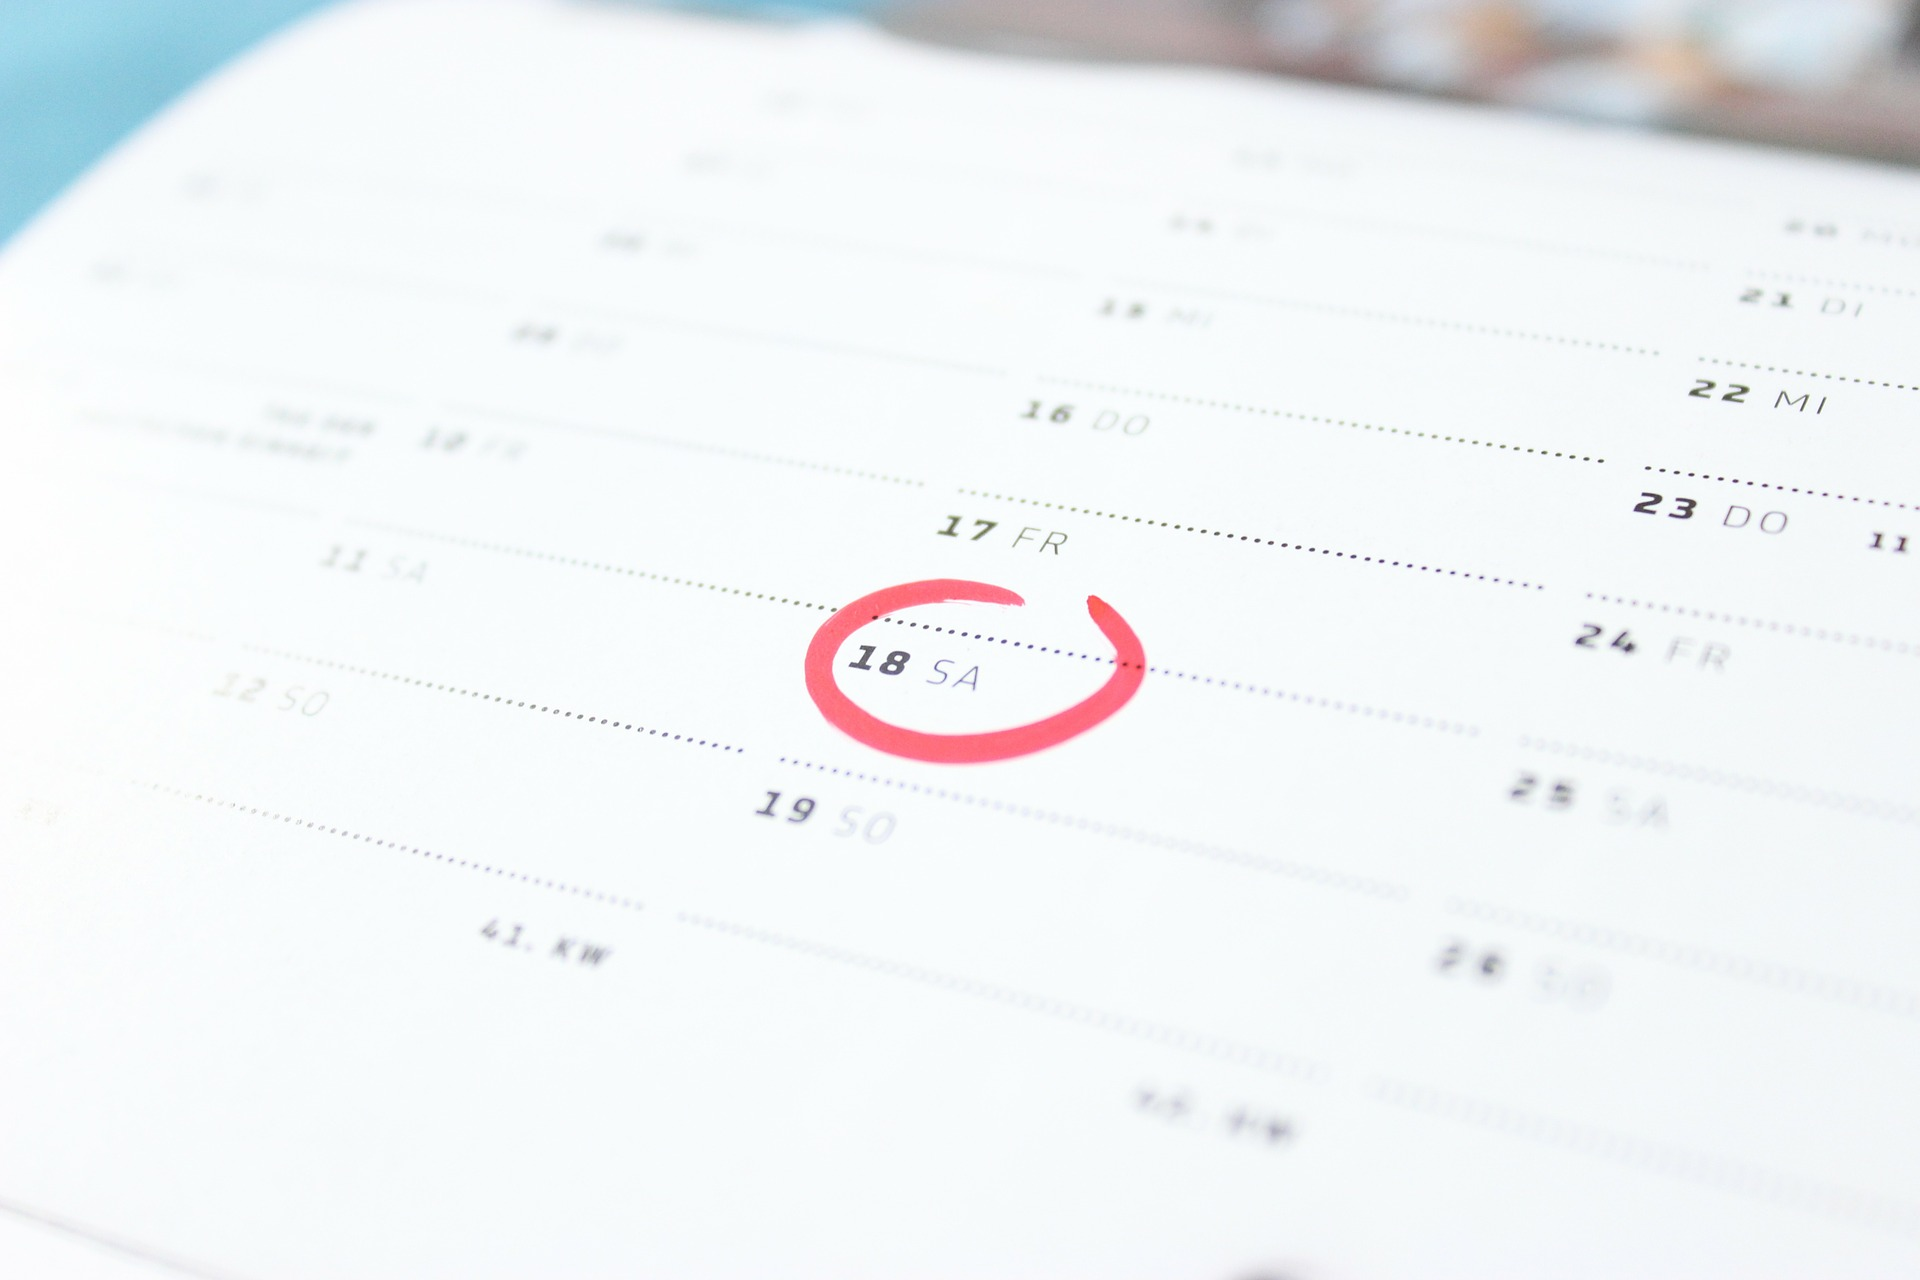 calendario-de-provas-25-10-2016-14-30.jpg